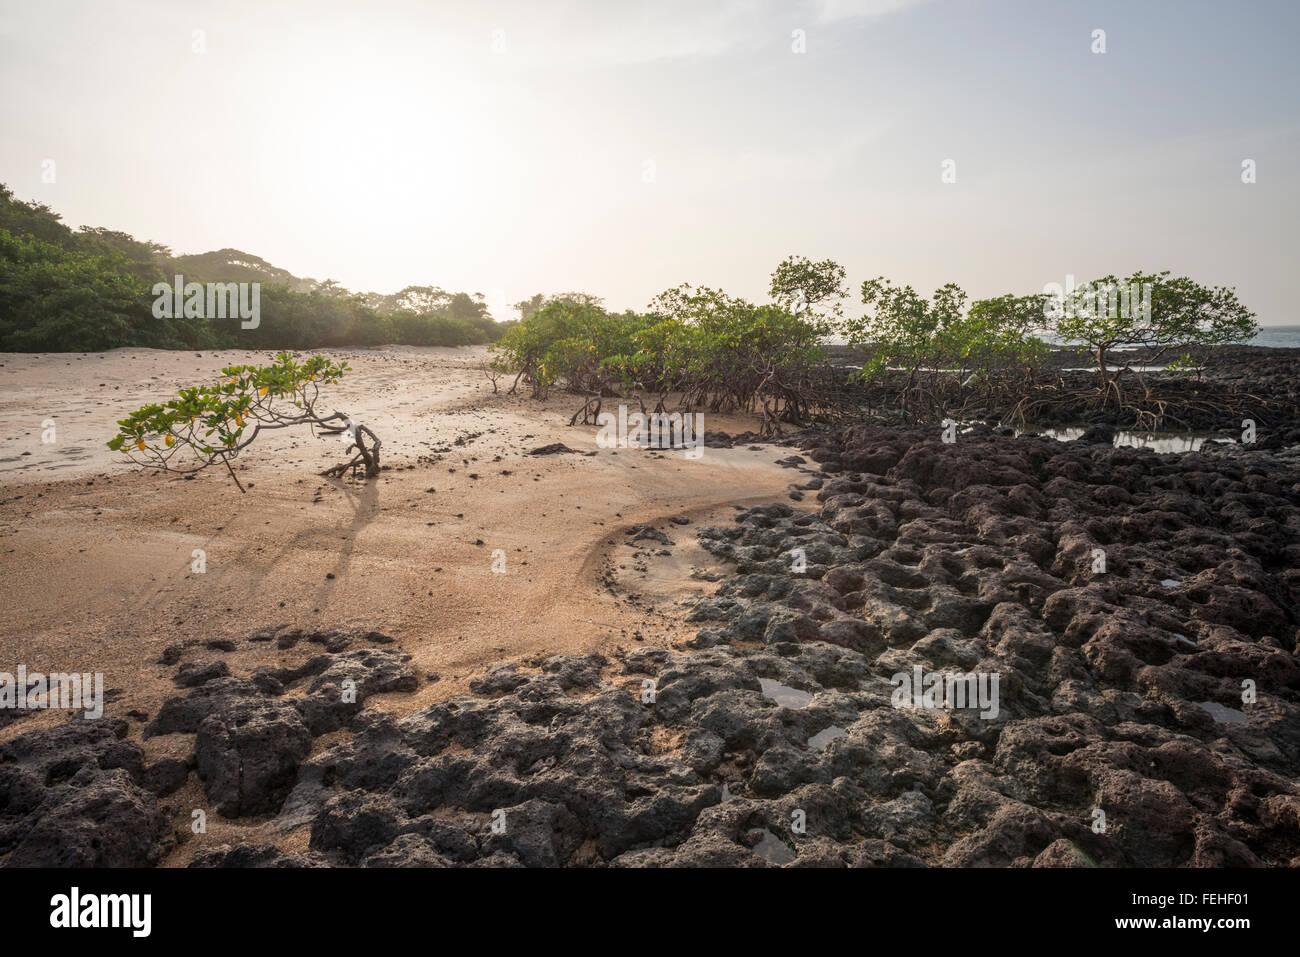 Mangroven wachsen auf vulkanischem Gestein nahe der Küste der Insel Poilao in den Bijagos Inseln von Guinea Stockbild